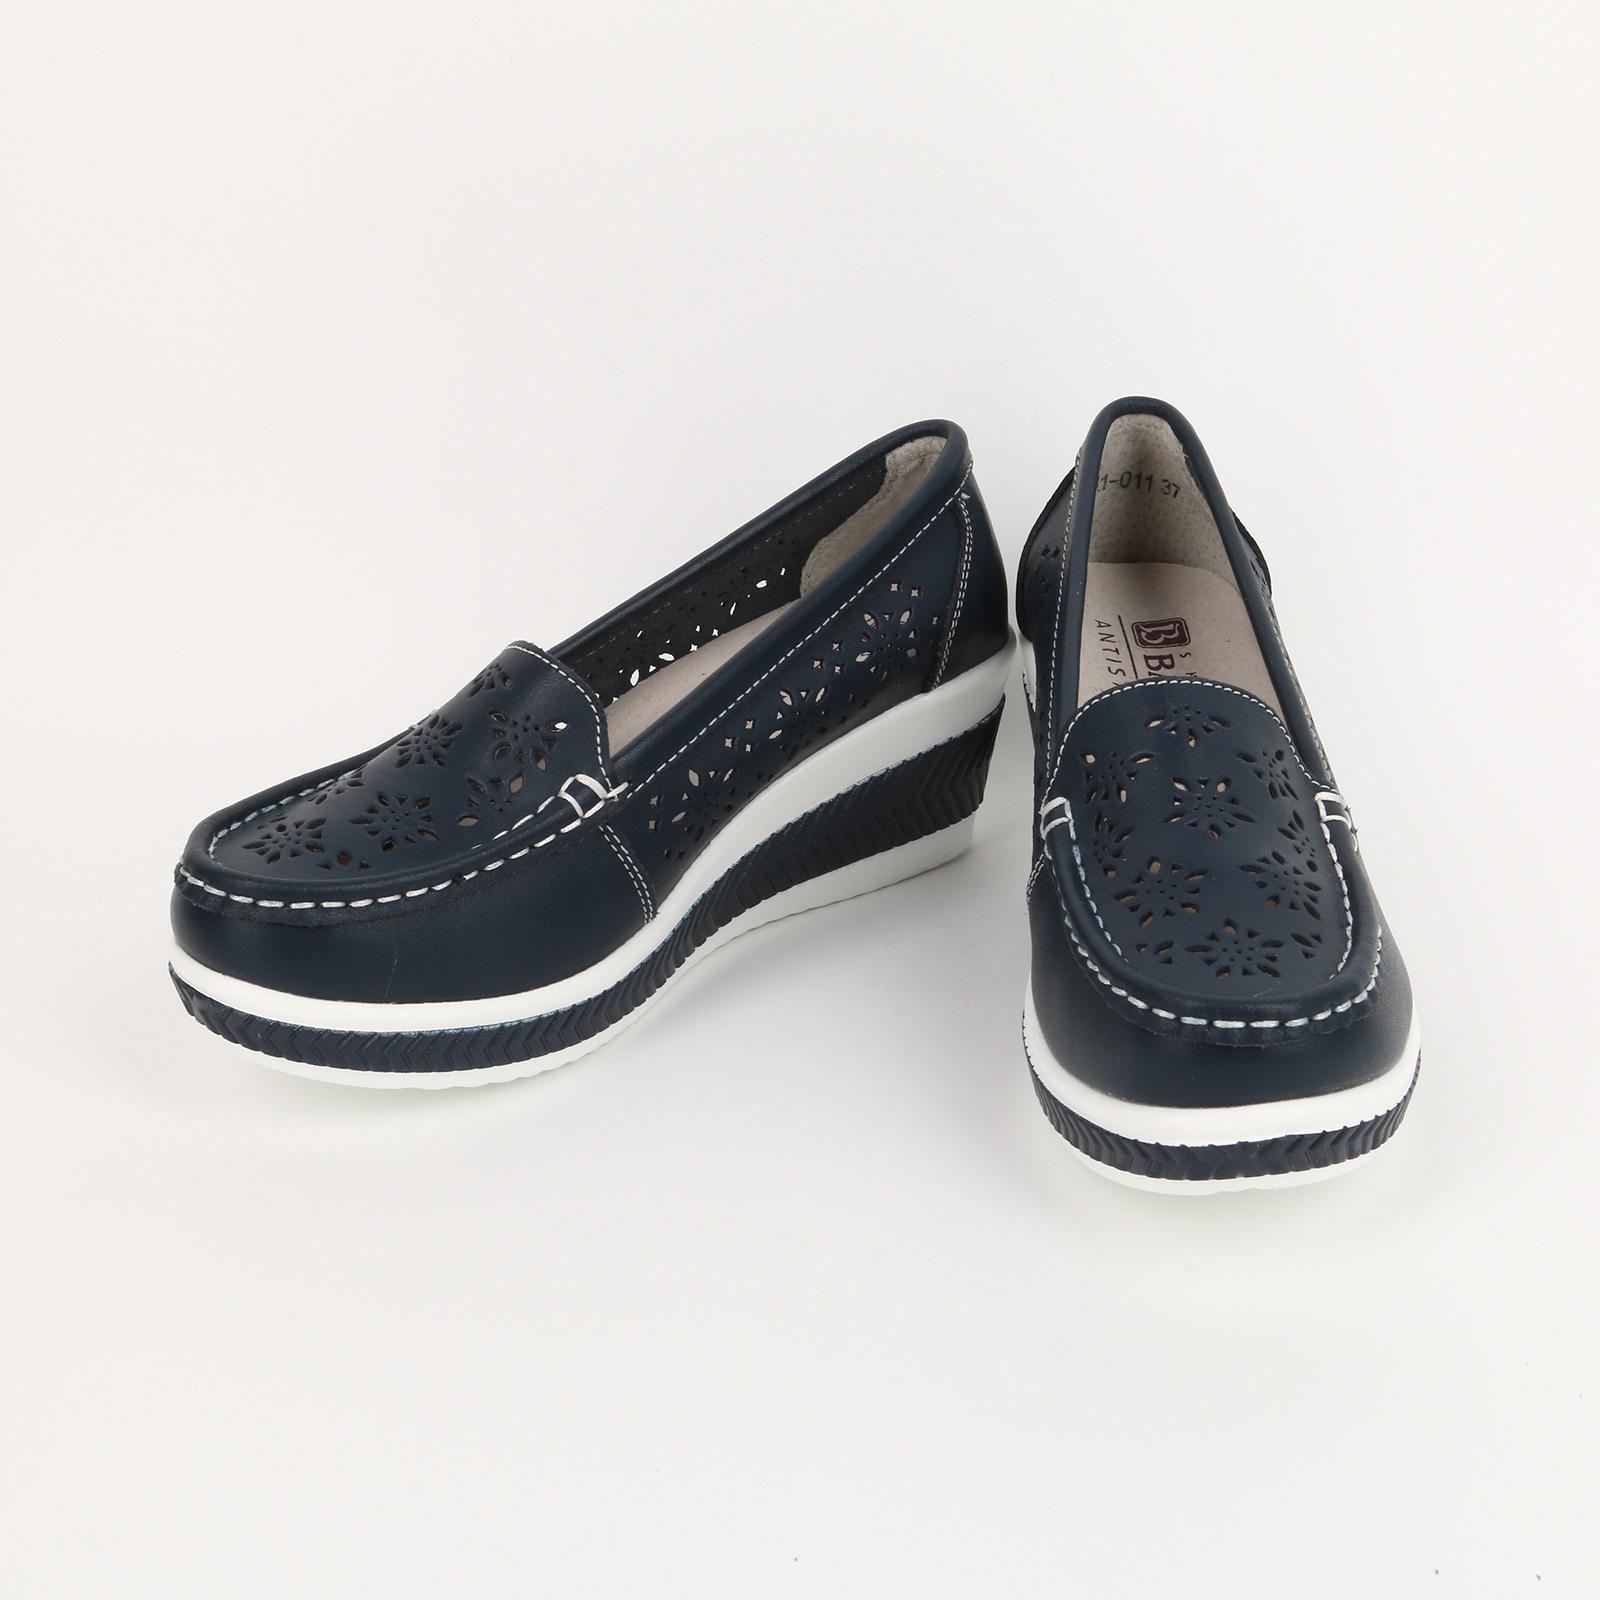 Туфли на танкетке с узорной перфорацией